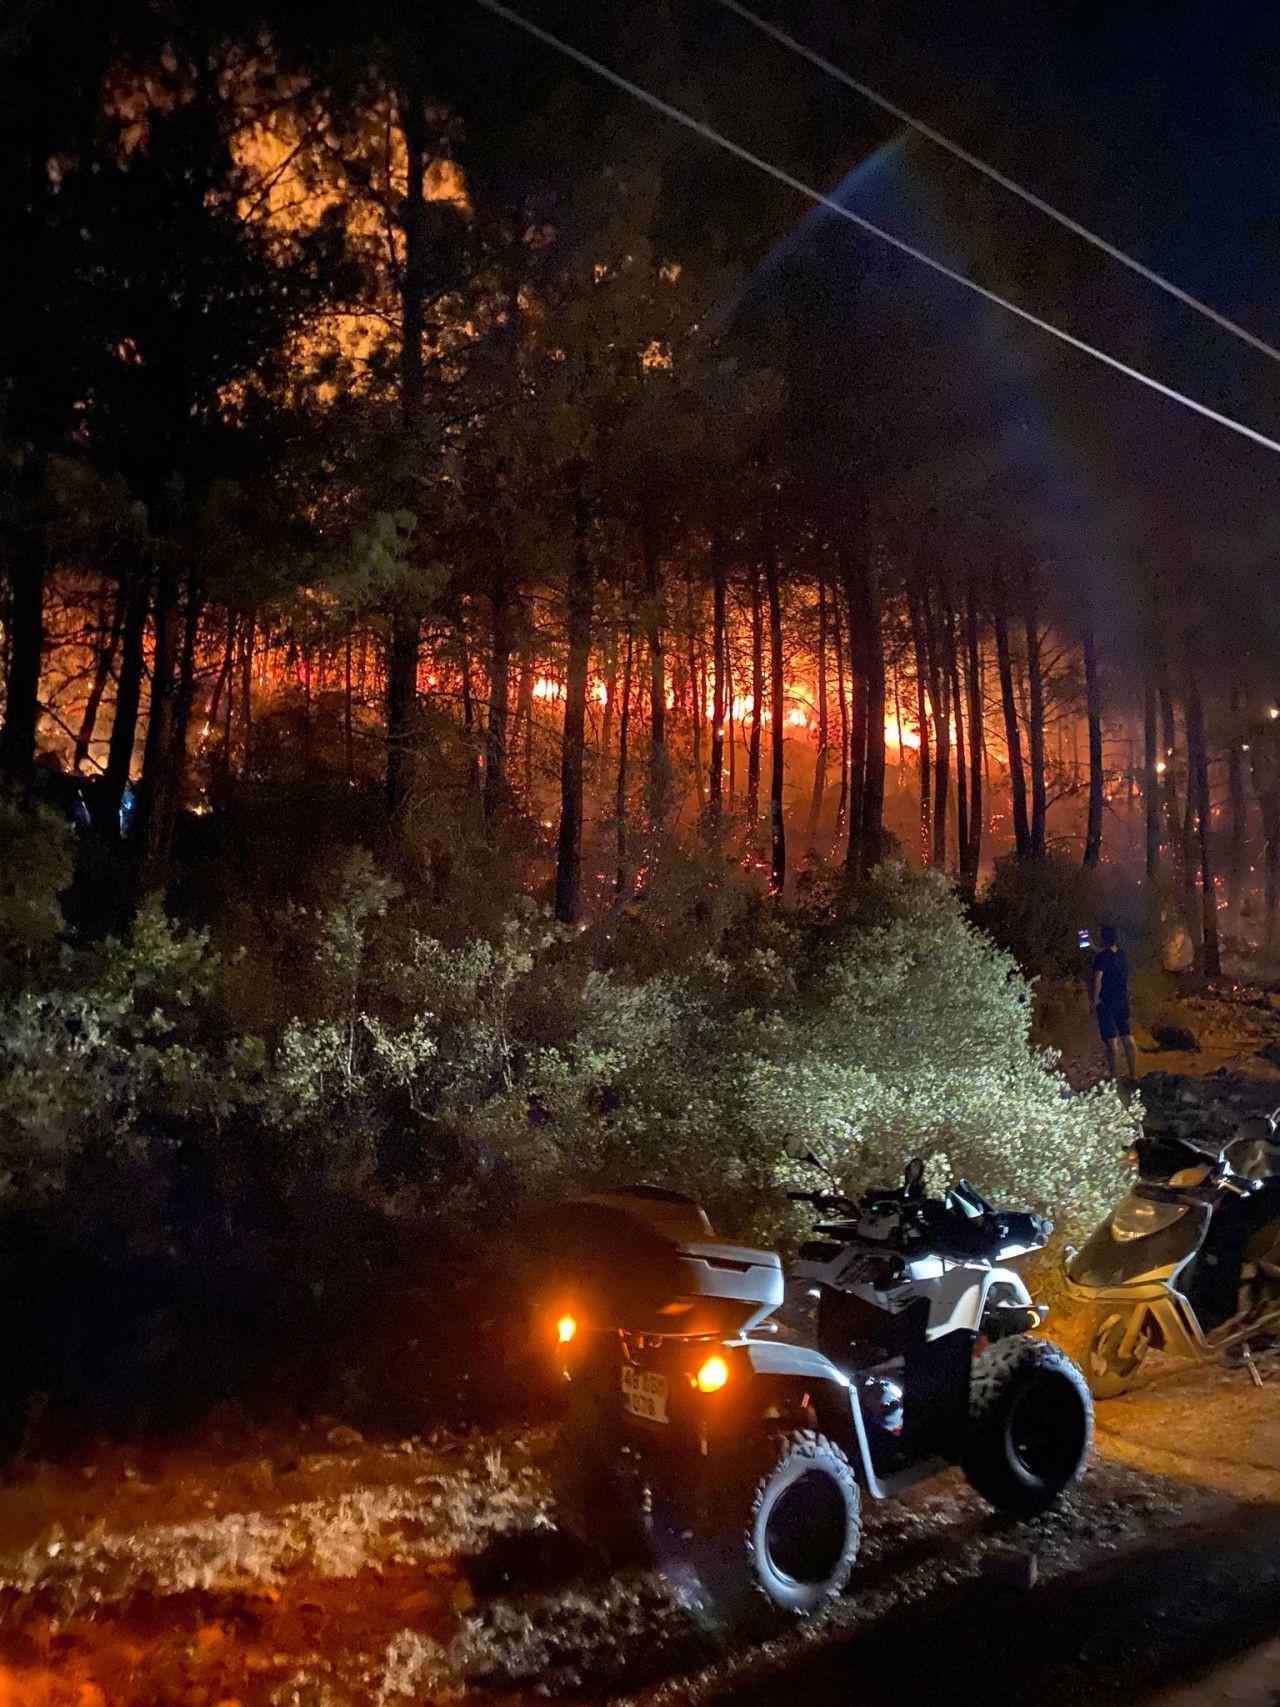 Muğla'nın Fethiye ilçesi Ölüdeniz'de orman yangını! Ekipler ve vatandaşlar seferber oldu! video - Sayfa 1